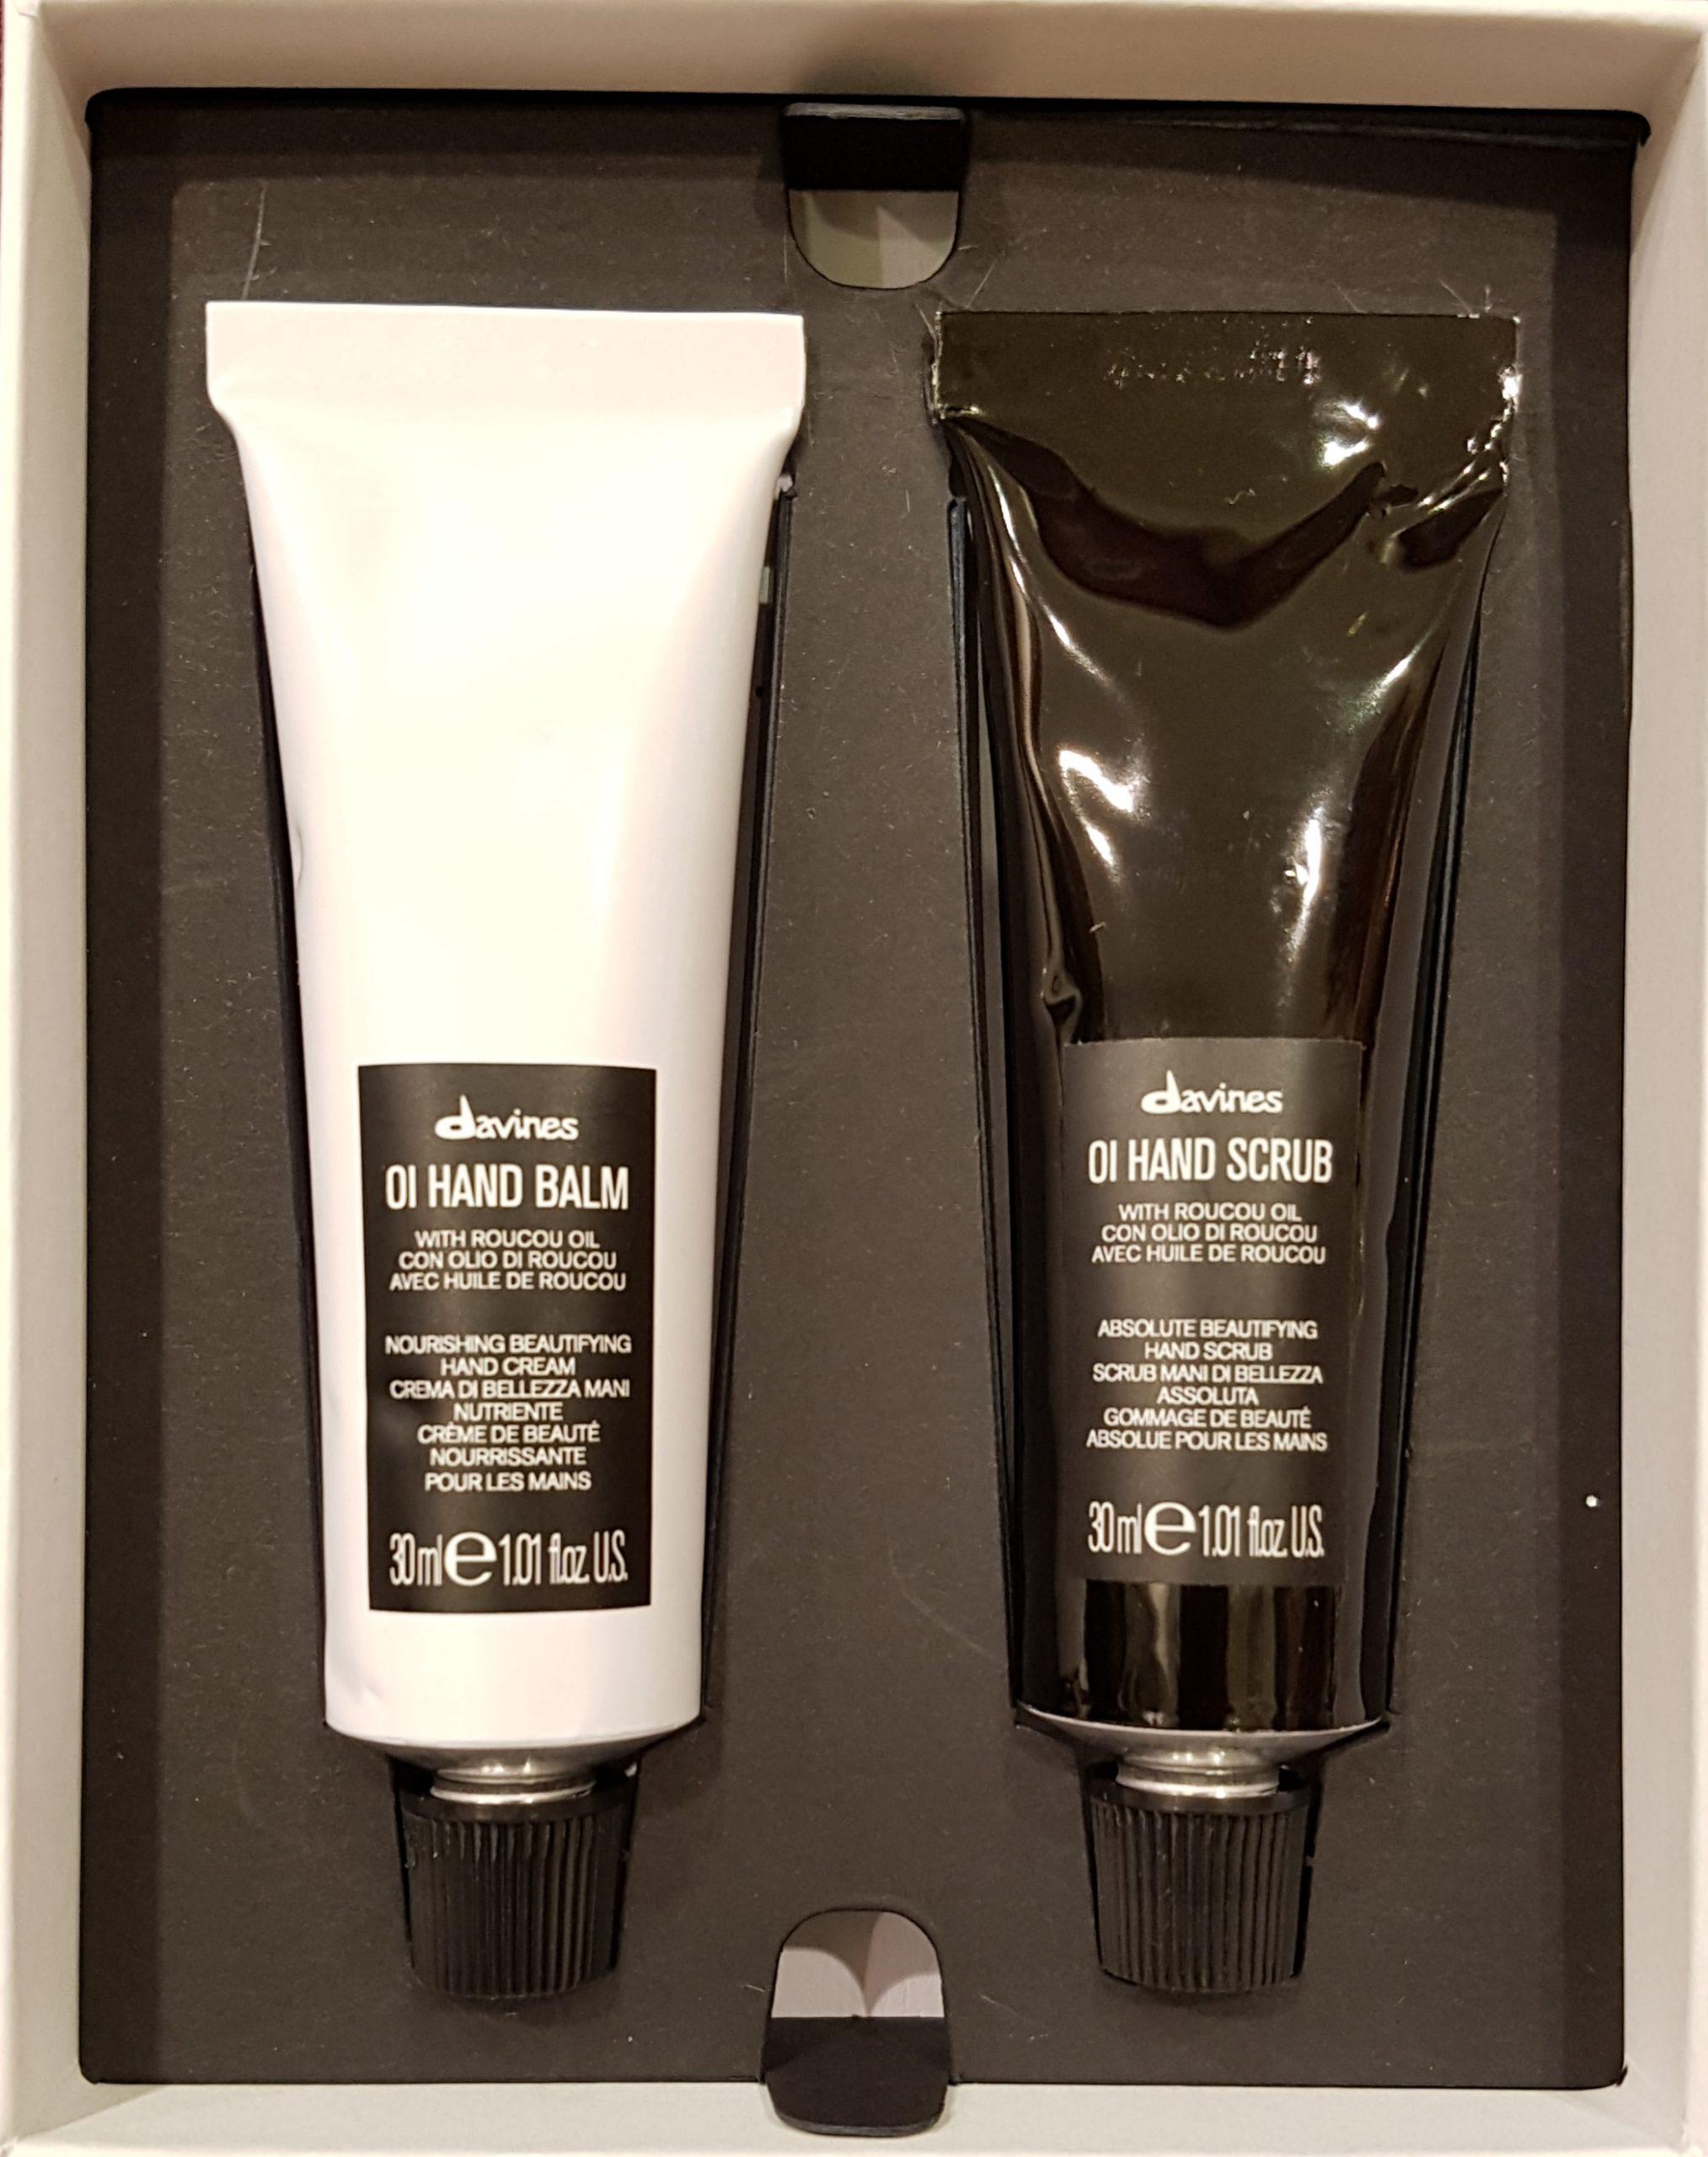 Coffret pour les mains OI de la marque Davines en série limitée. Duo gommage et crème pour des mains hydratées